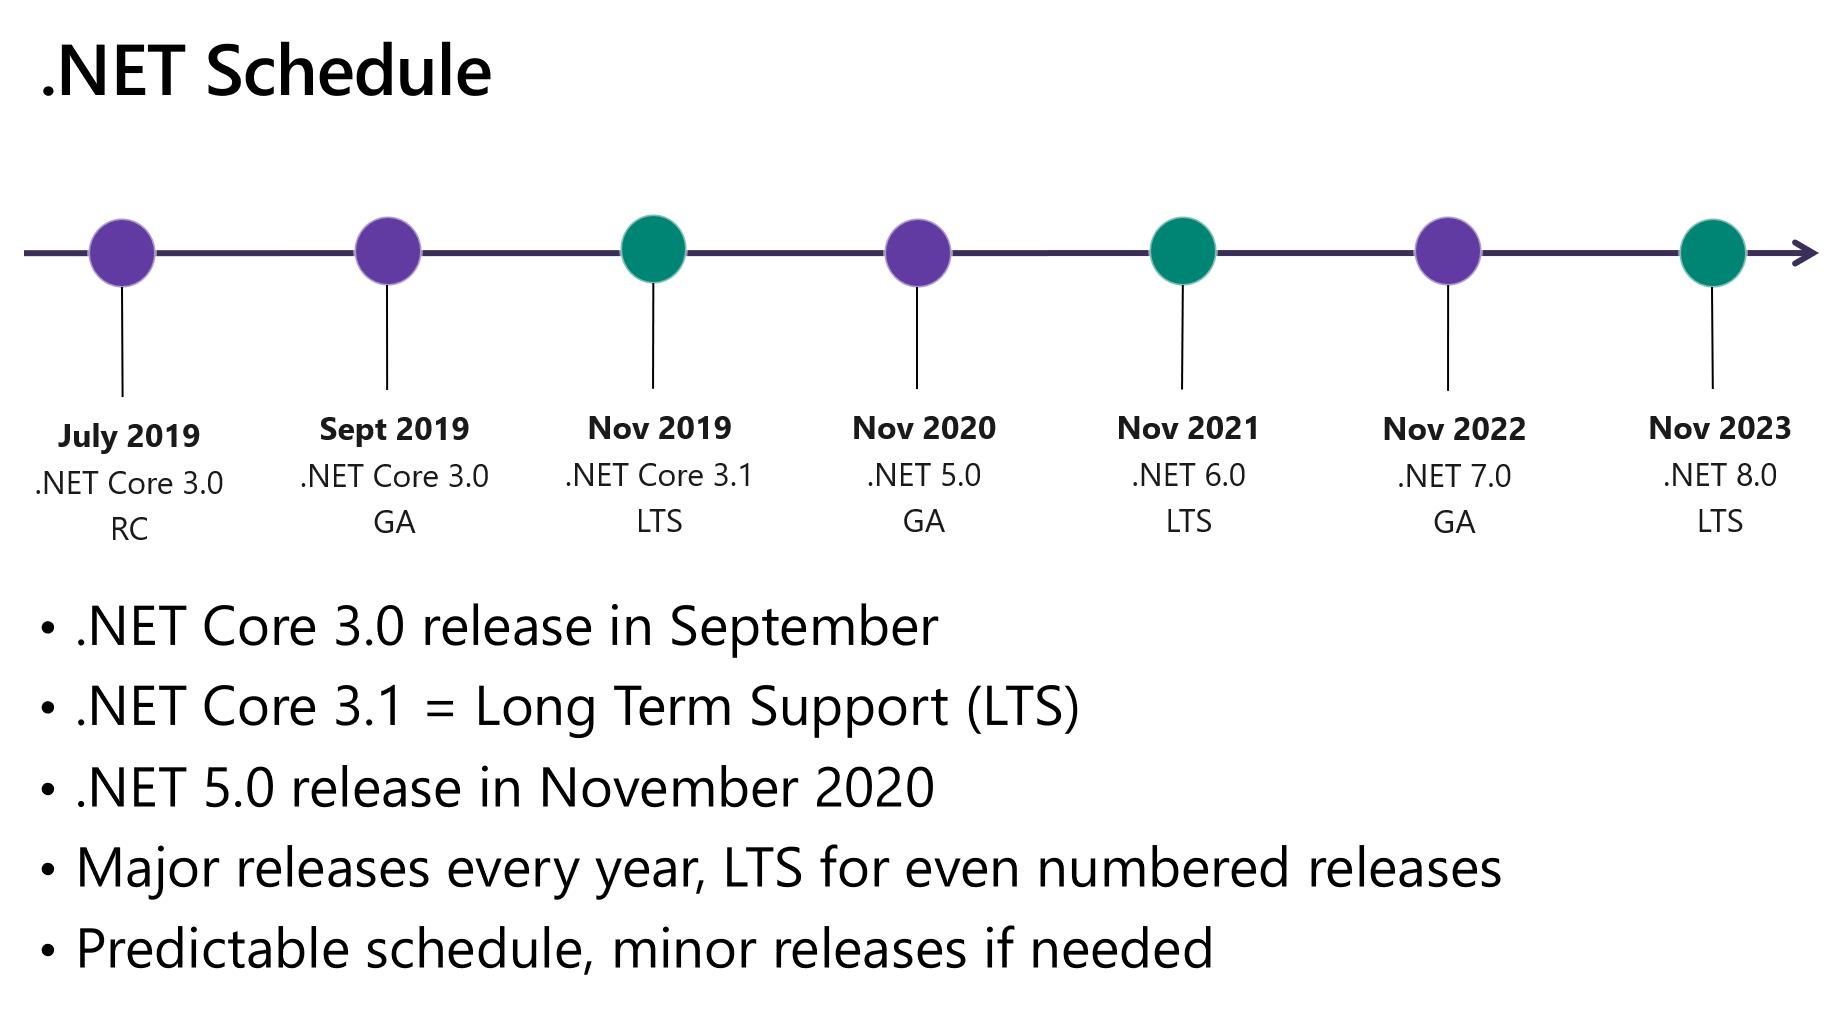 dotnet_schedule